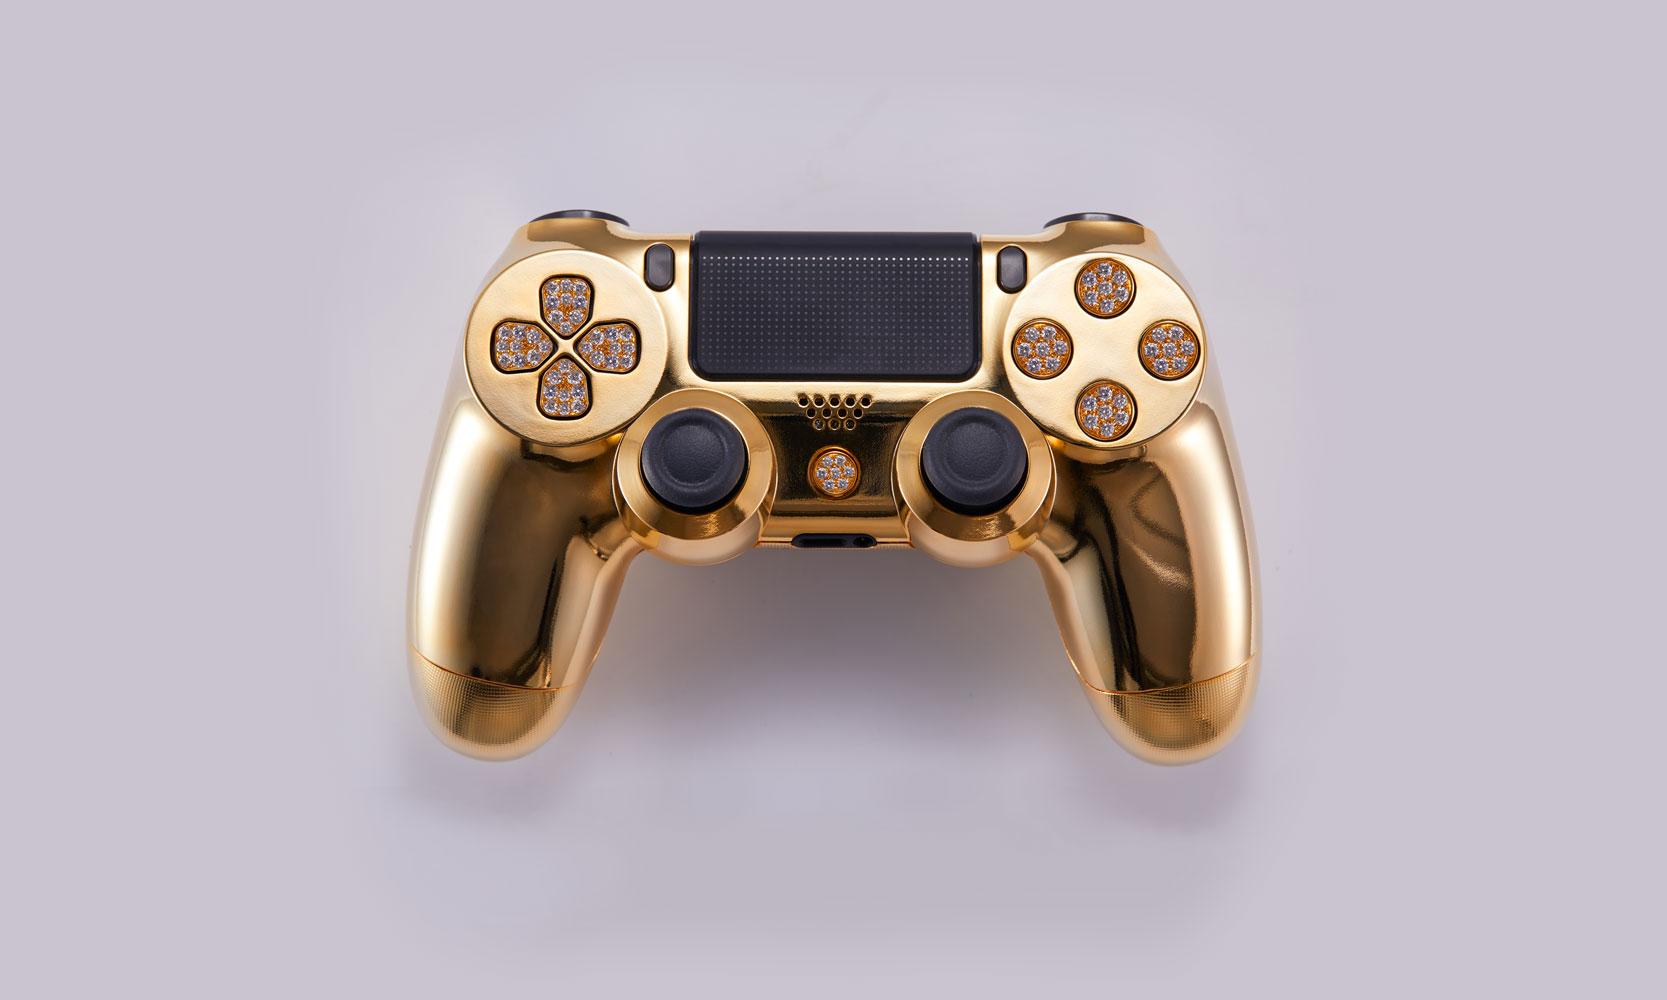 Geld over? Gouden PS4 controller met diamanten te koop voor €12.000